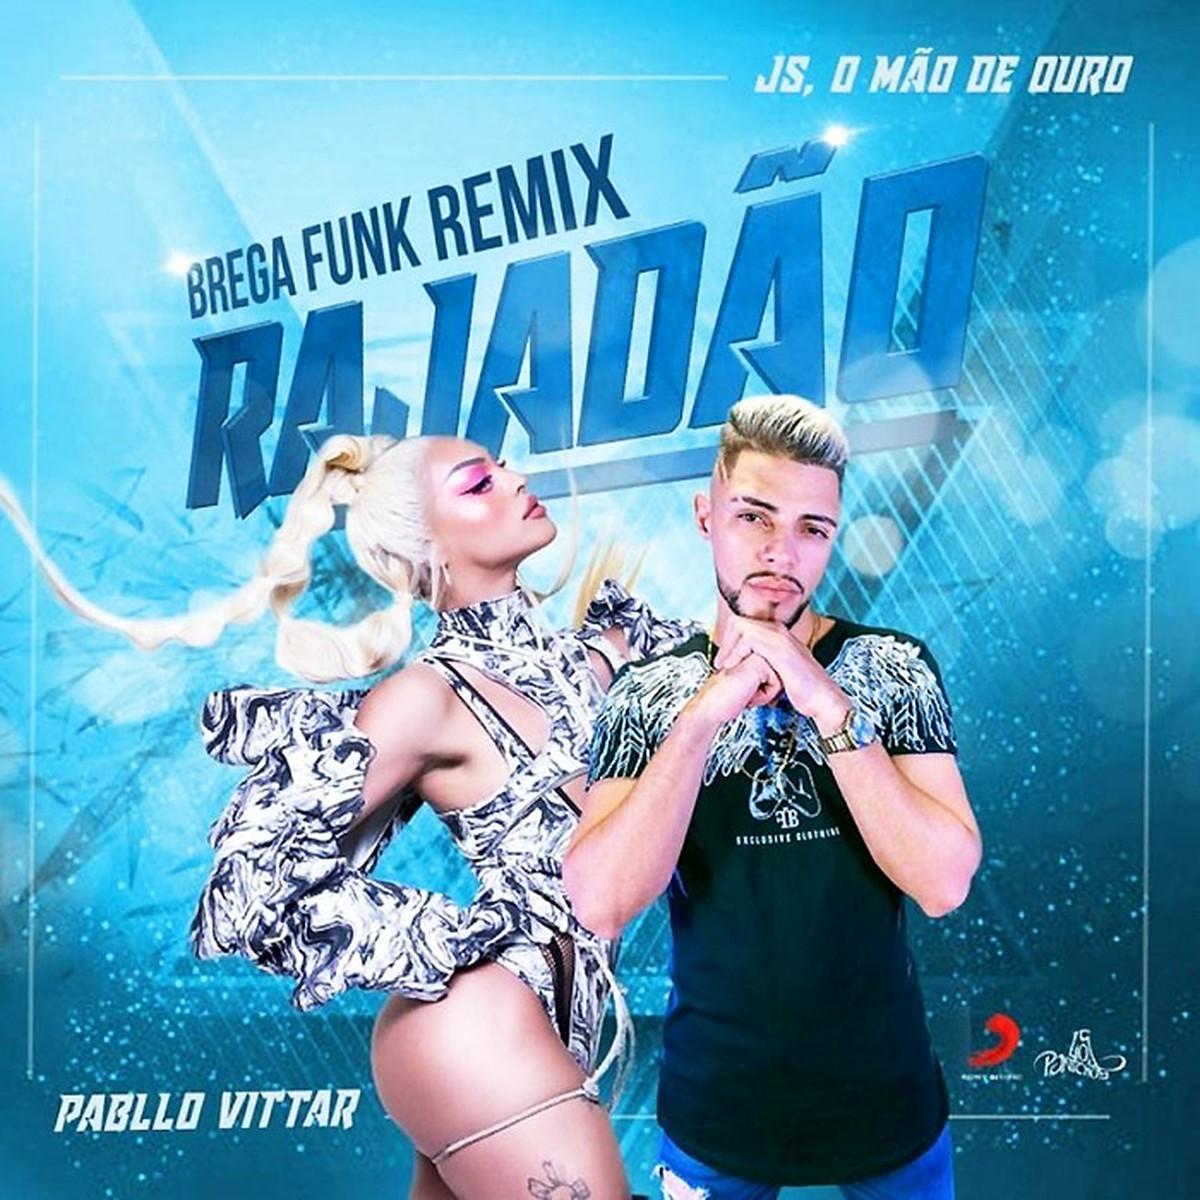 JS erra a 'mão de ouro' no remix brega-funk de 'Rajadão', hit de Pabllo Vittar | Blog do Mauro Ferreira